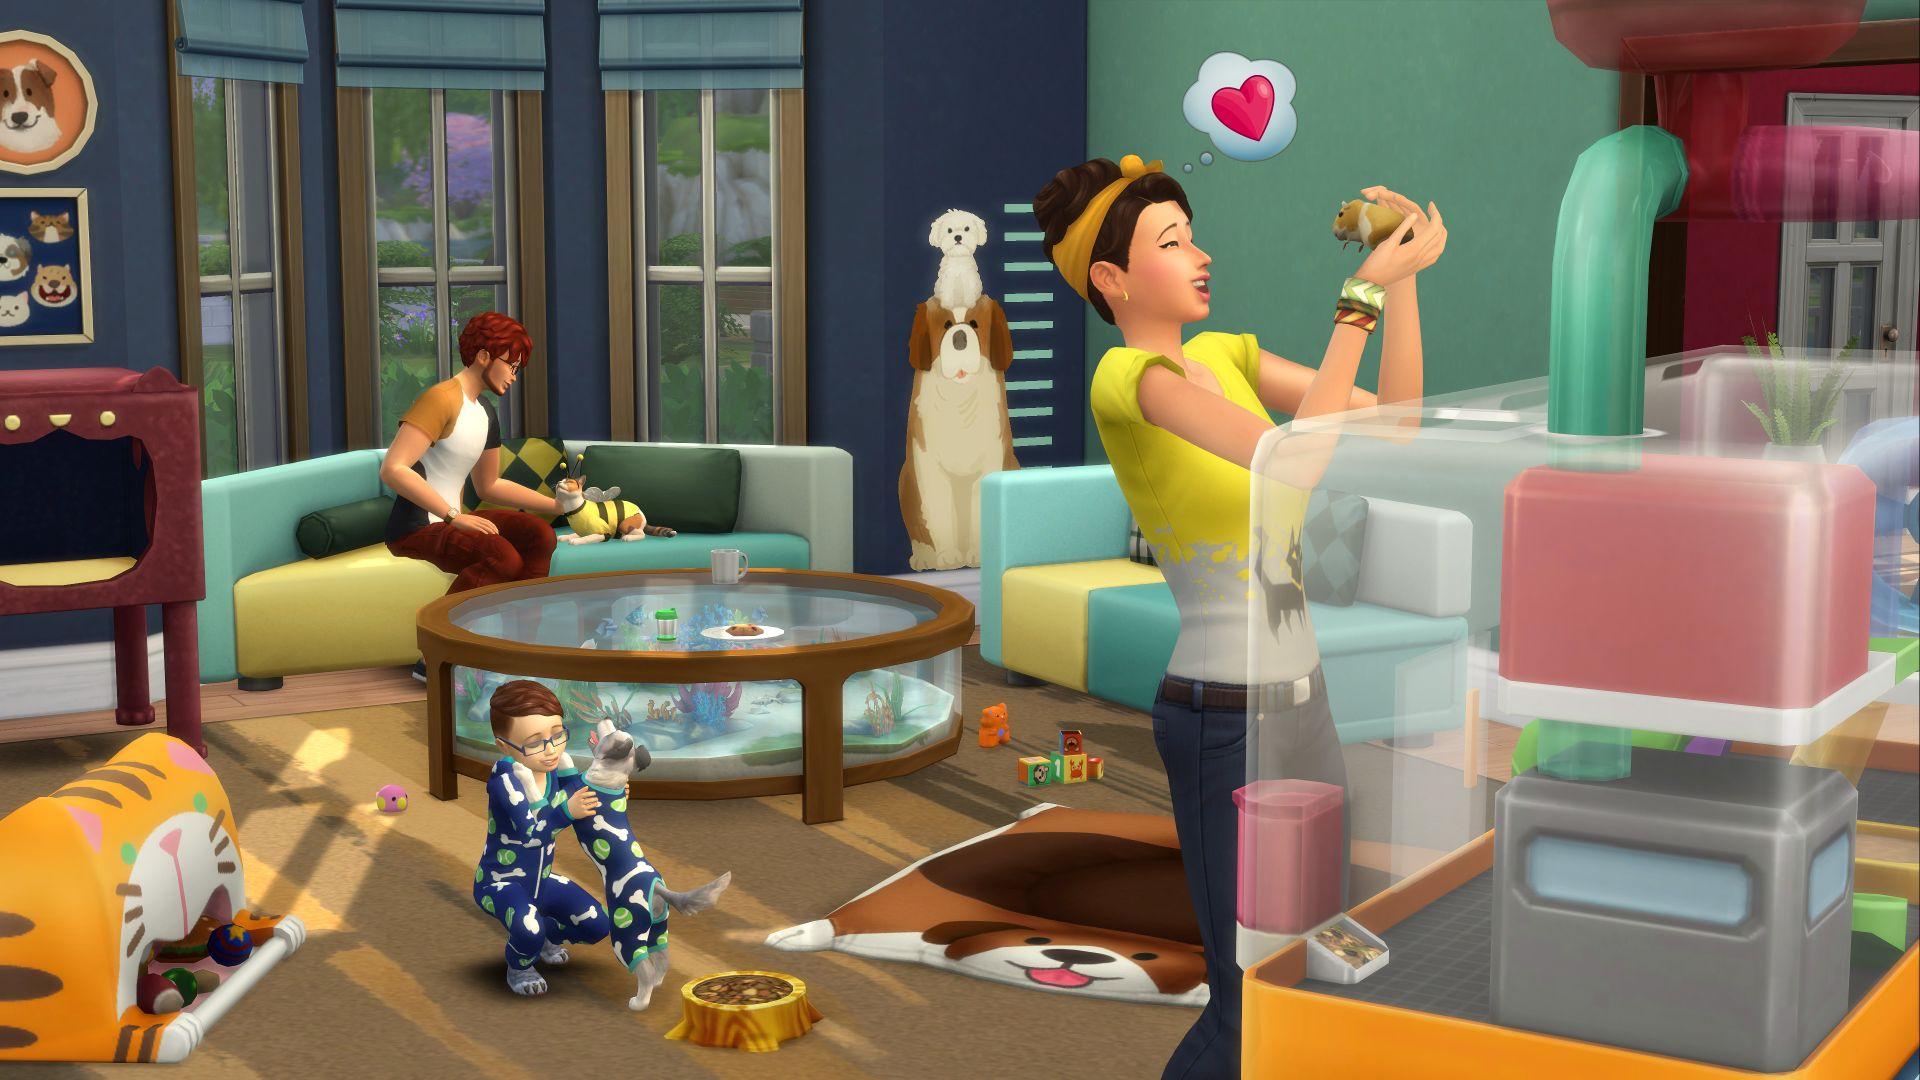 Die Sims™ 4 Mein erstes Haustier-Accessoires für PC/Mac | Origin